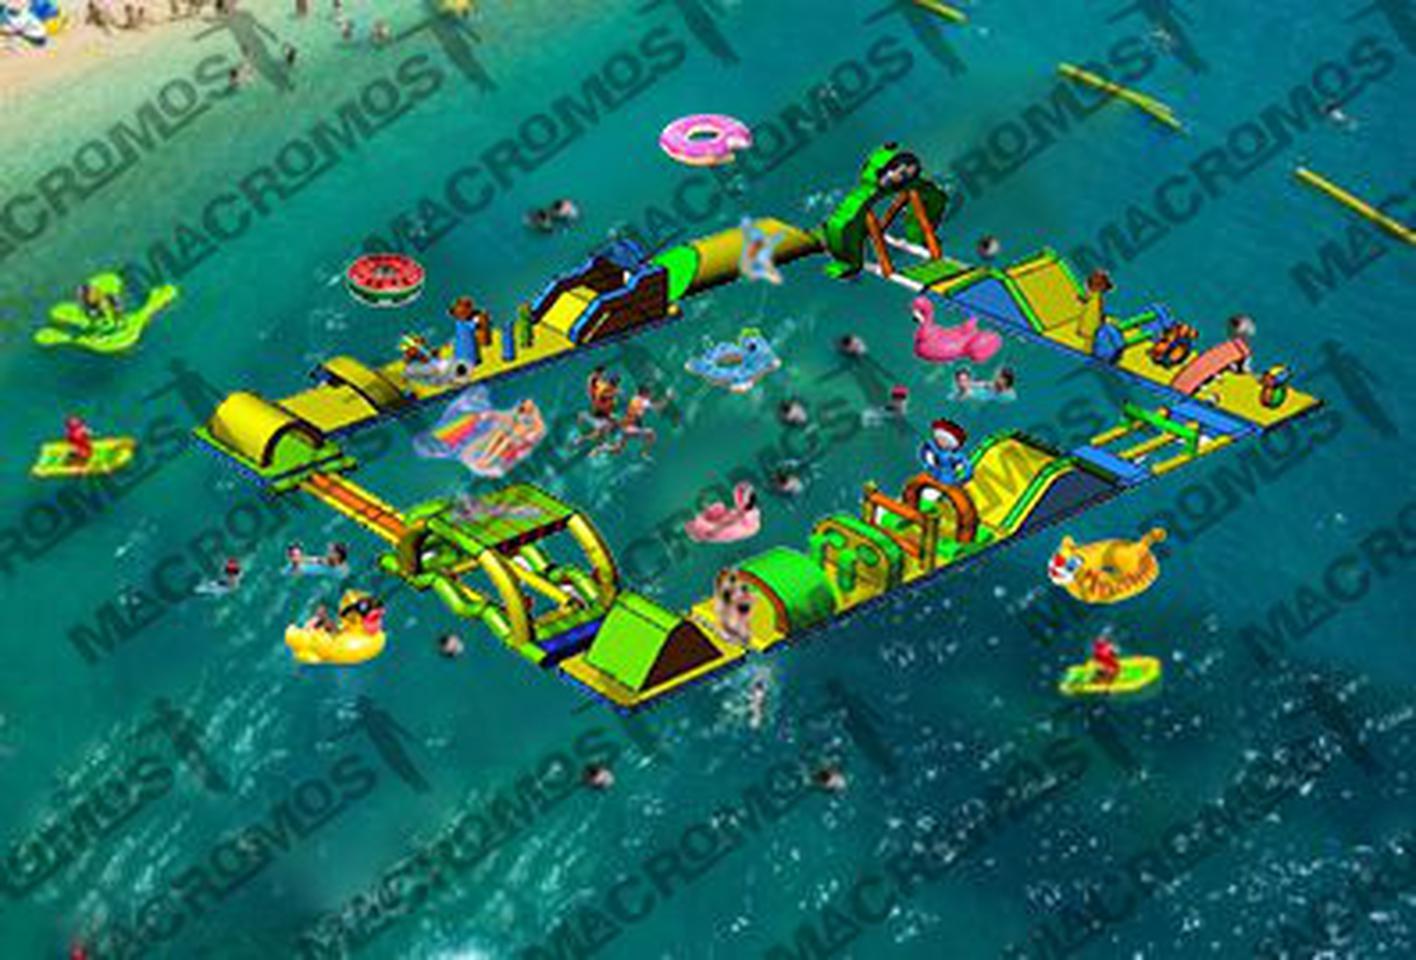 เครื่องเล่นสวนน้ำ obstacle game 20X15M เครื่องเล่นสวนน้ำ อุปสรรค 20X15M รูปที่ 1